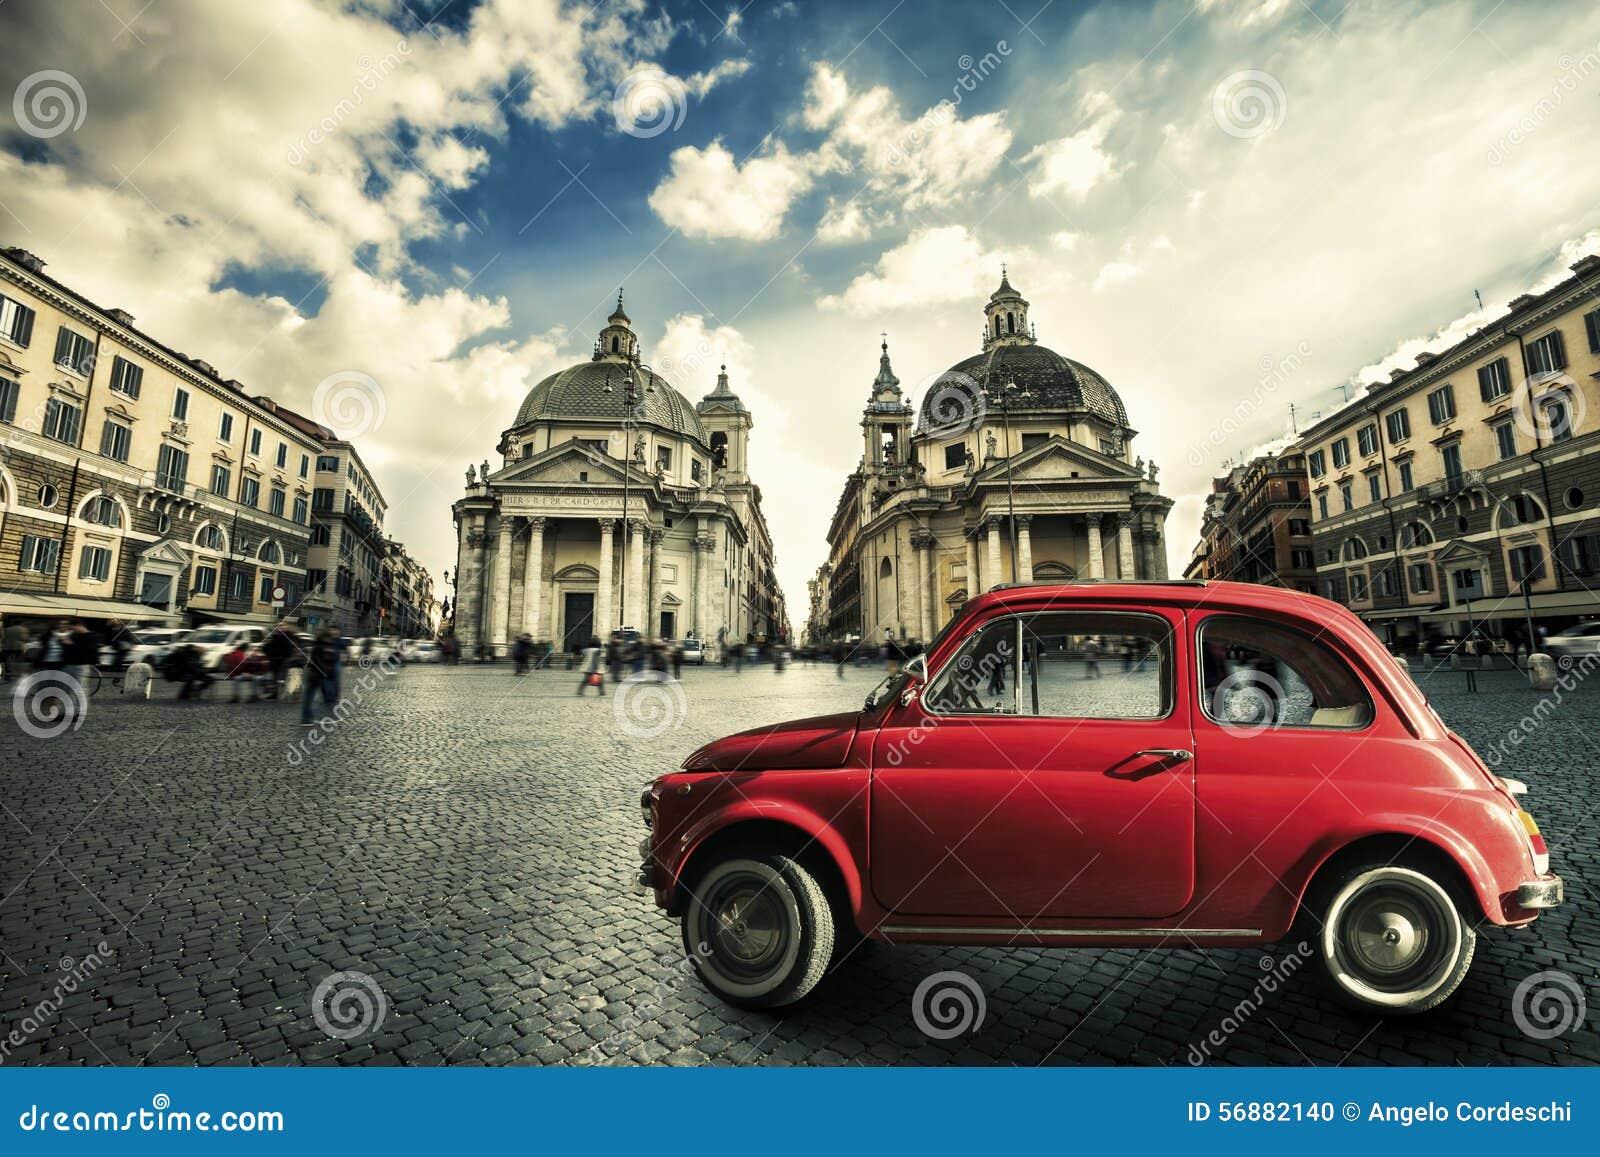 Сцена старого красного винтажного автомобиля итальянская в историческом центре Рима Италия